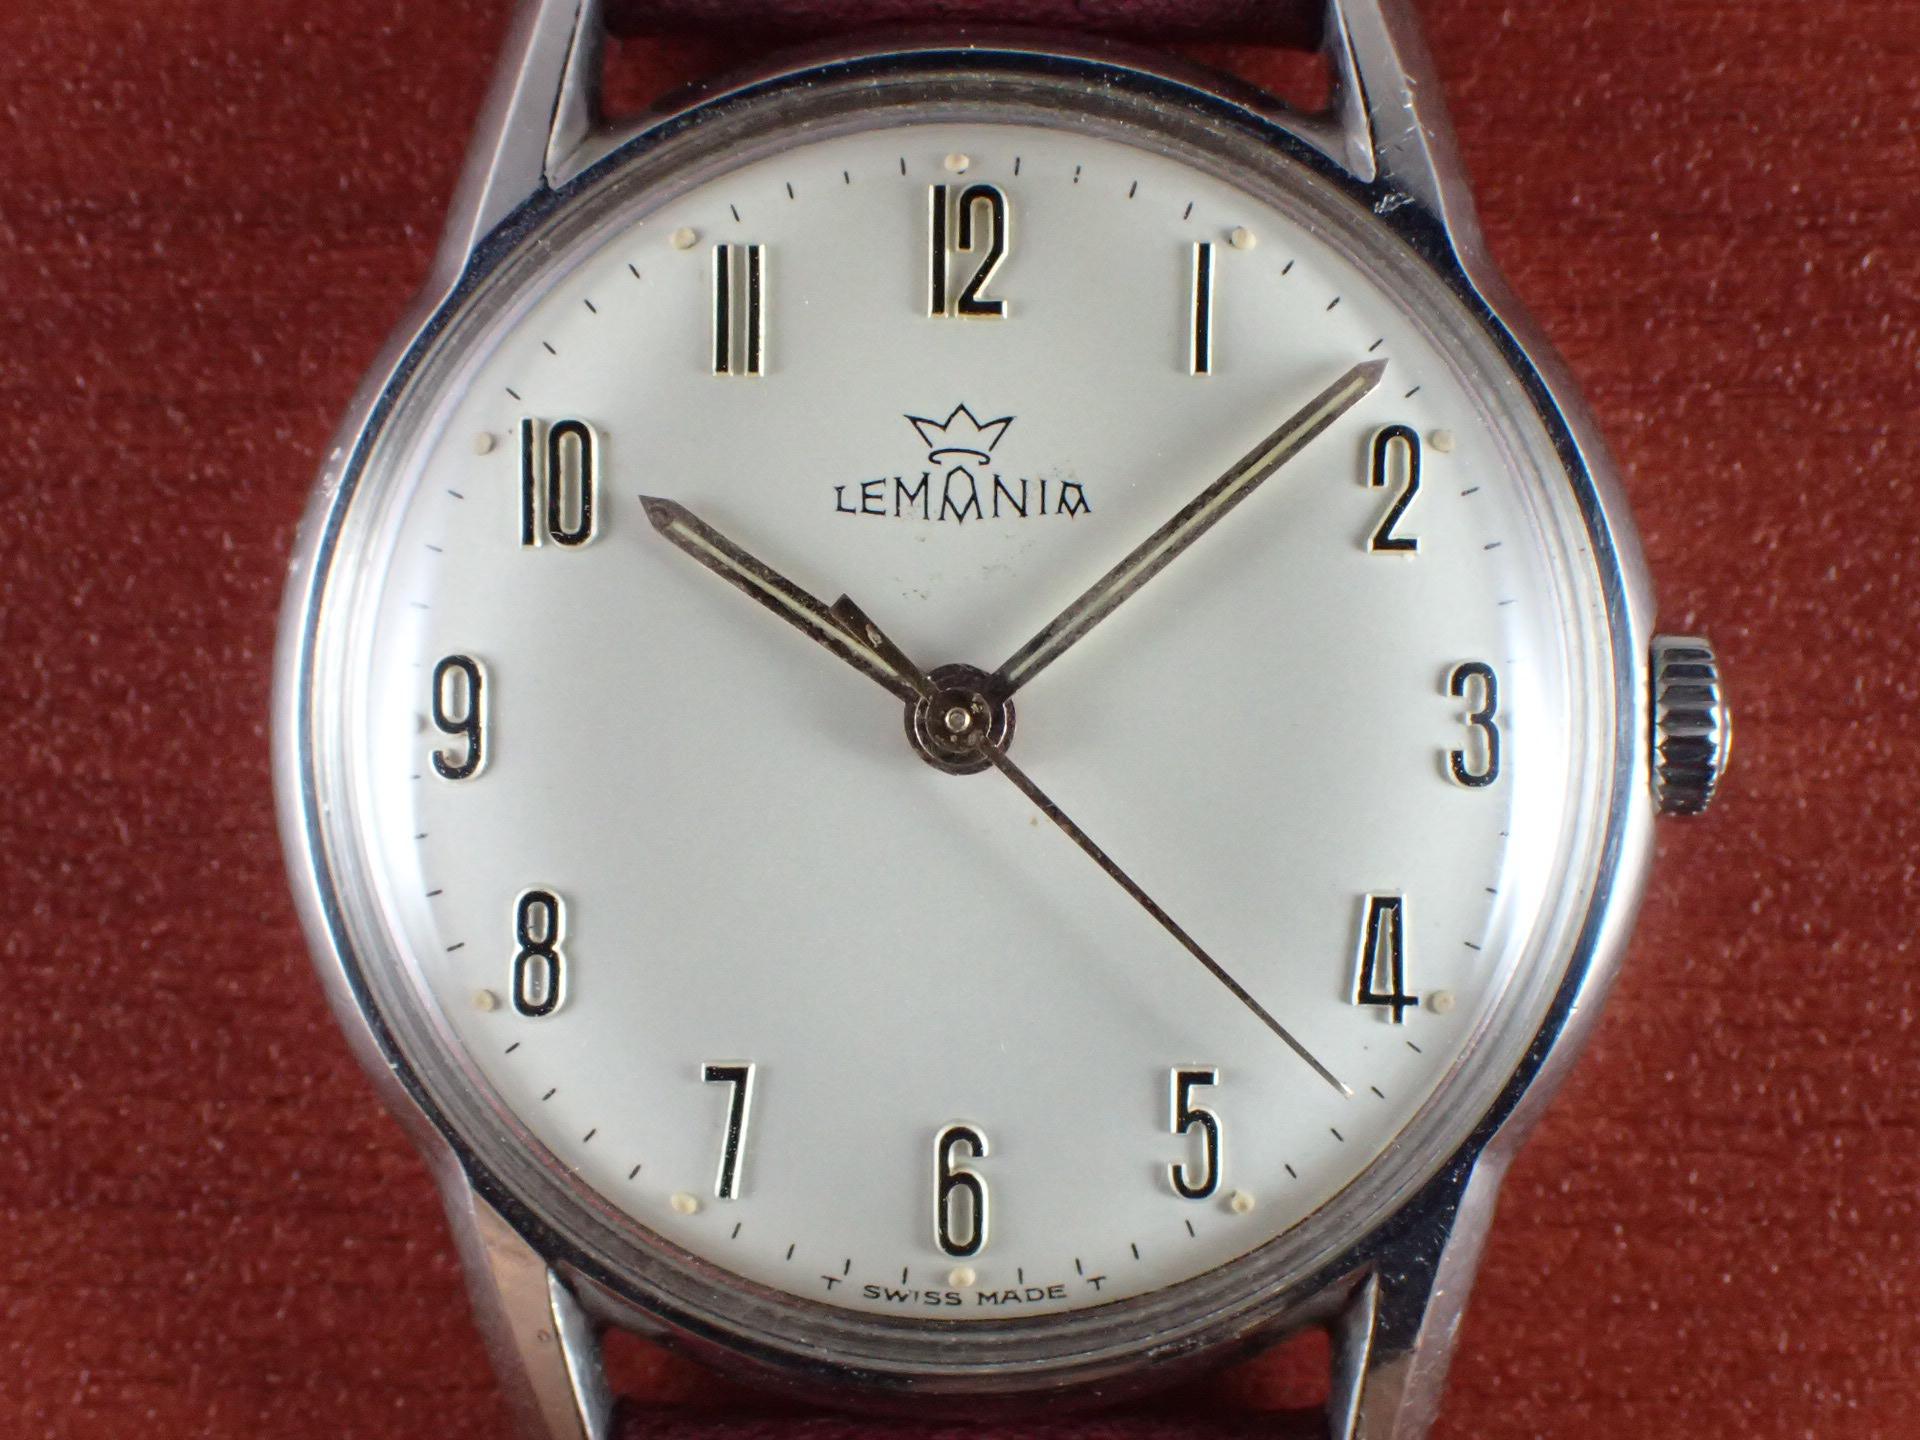 レマニア Cal.3060 アプライドインデックス ホワイトダイアル 1960年代の写真2枚目